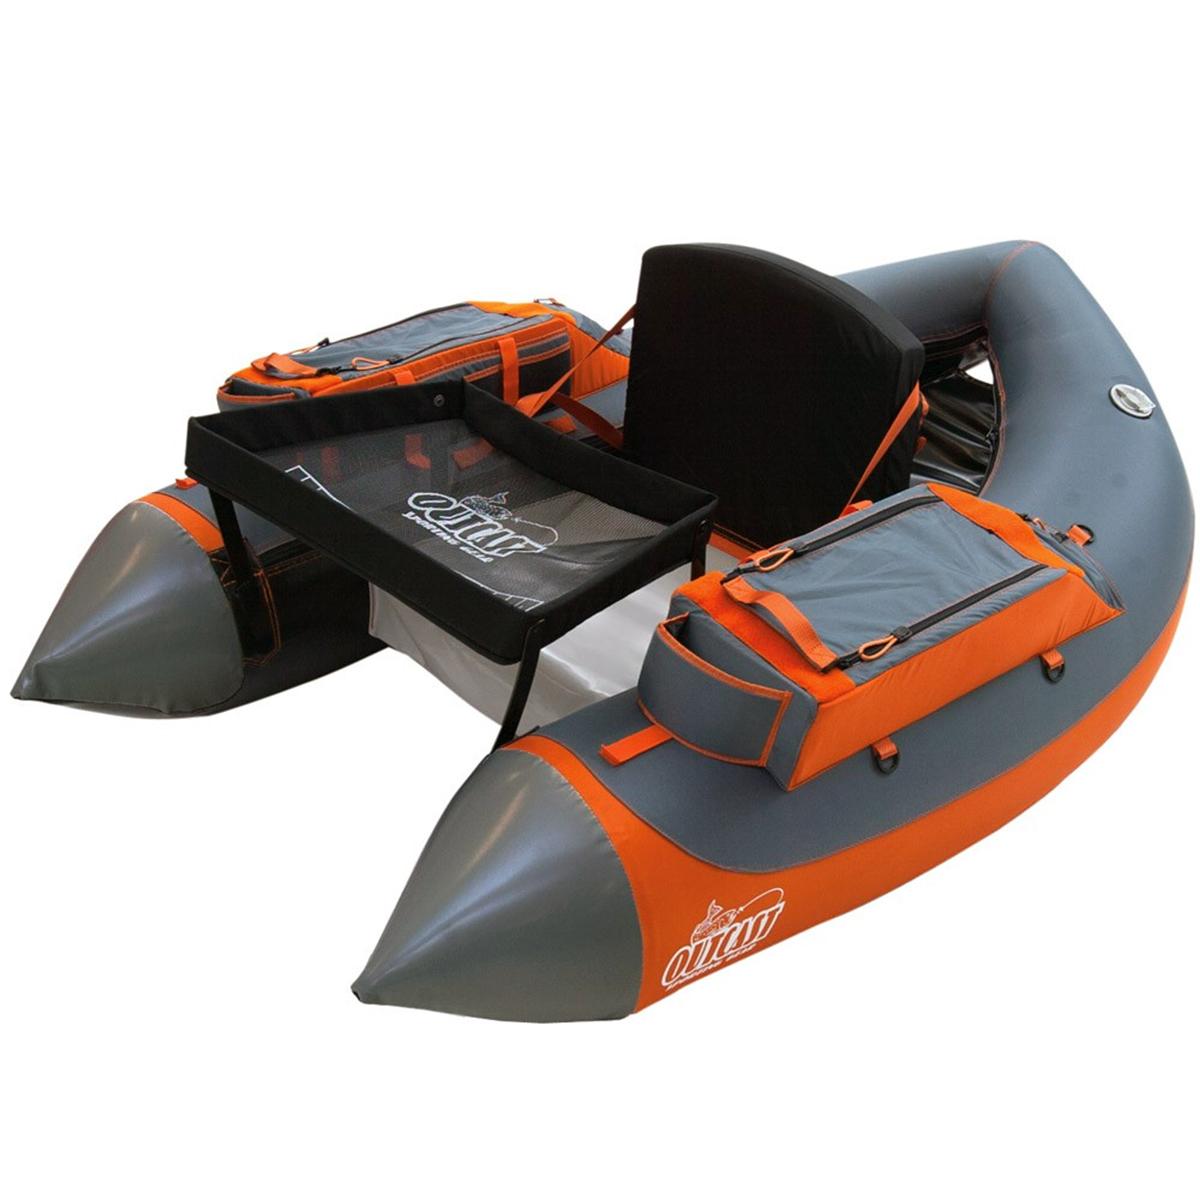 лодка плотик для нахлыста